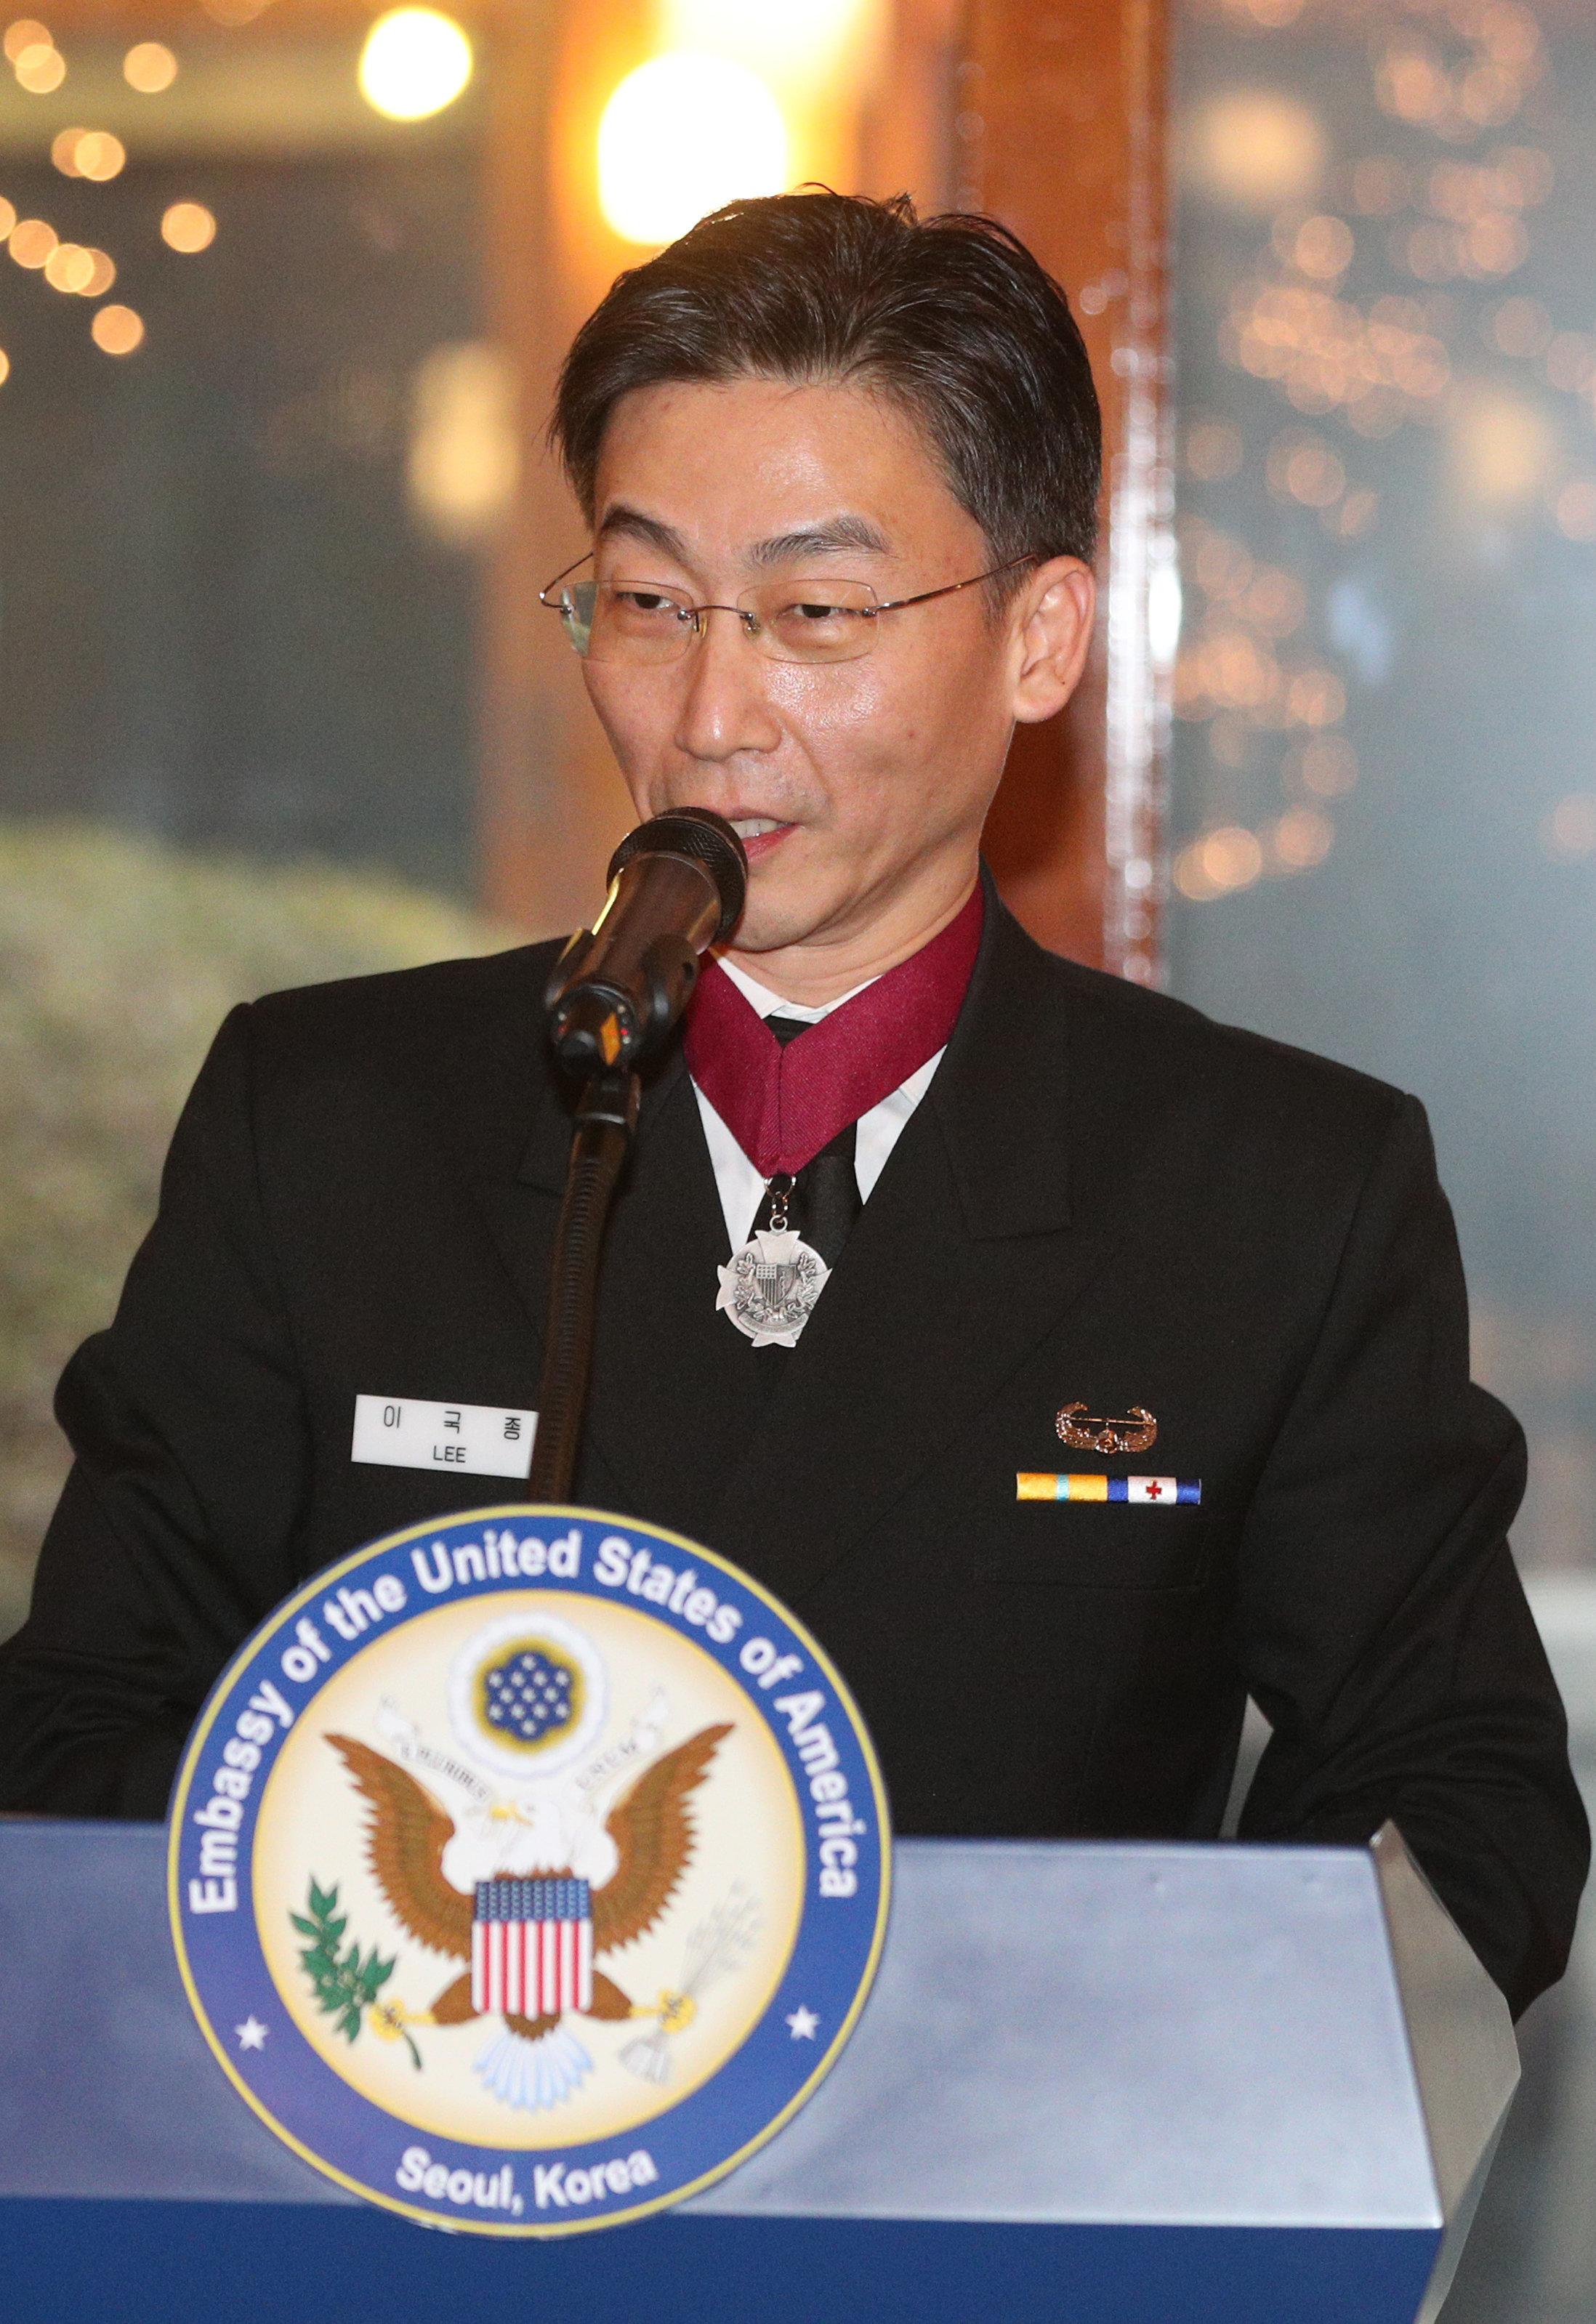 이국종 교수가 한국당 비대위원장 고사한 뒤 두 보수야당이 벌인